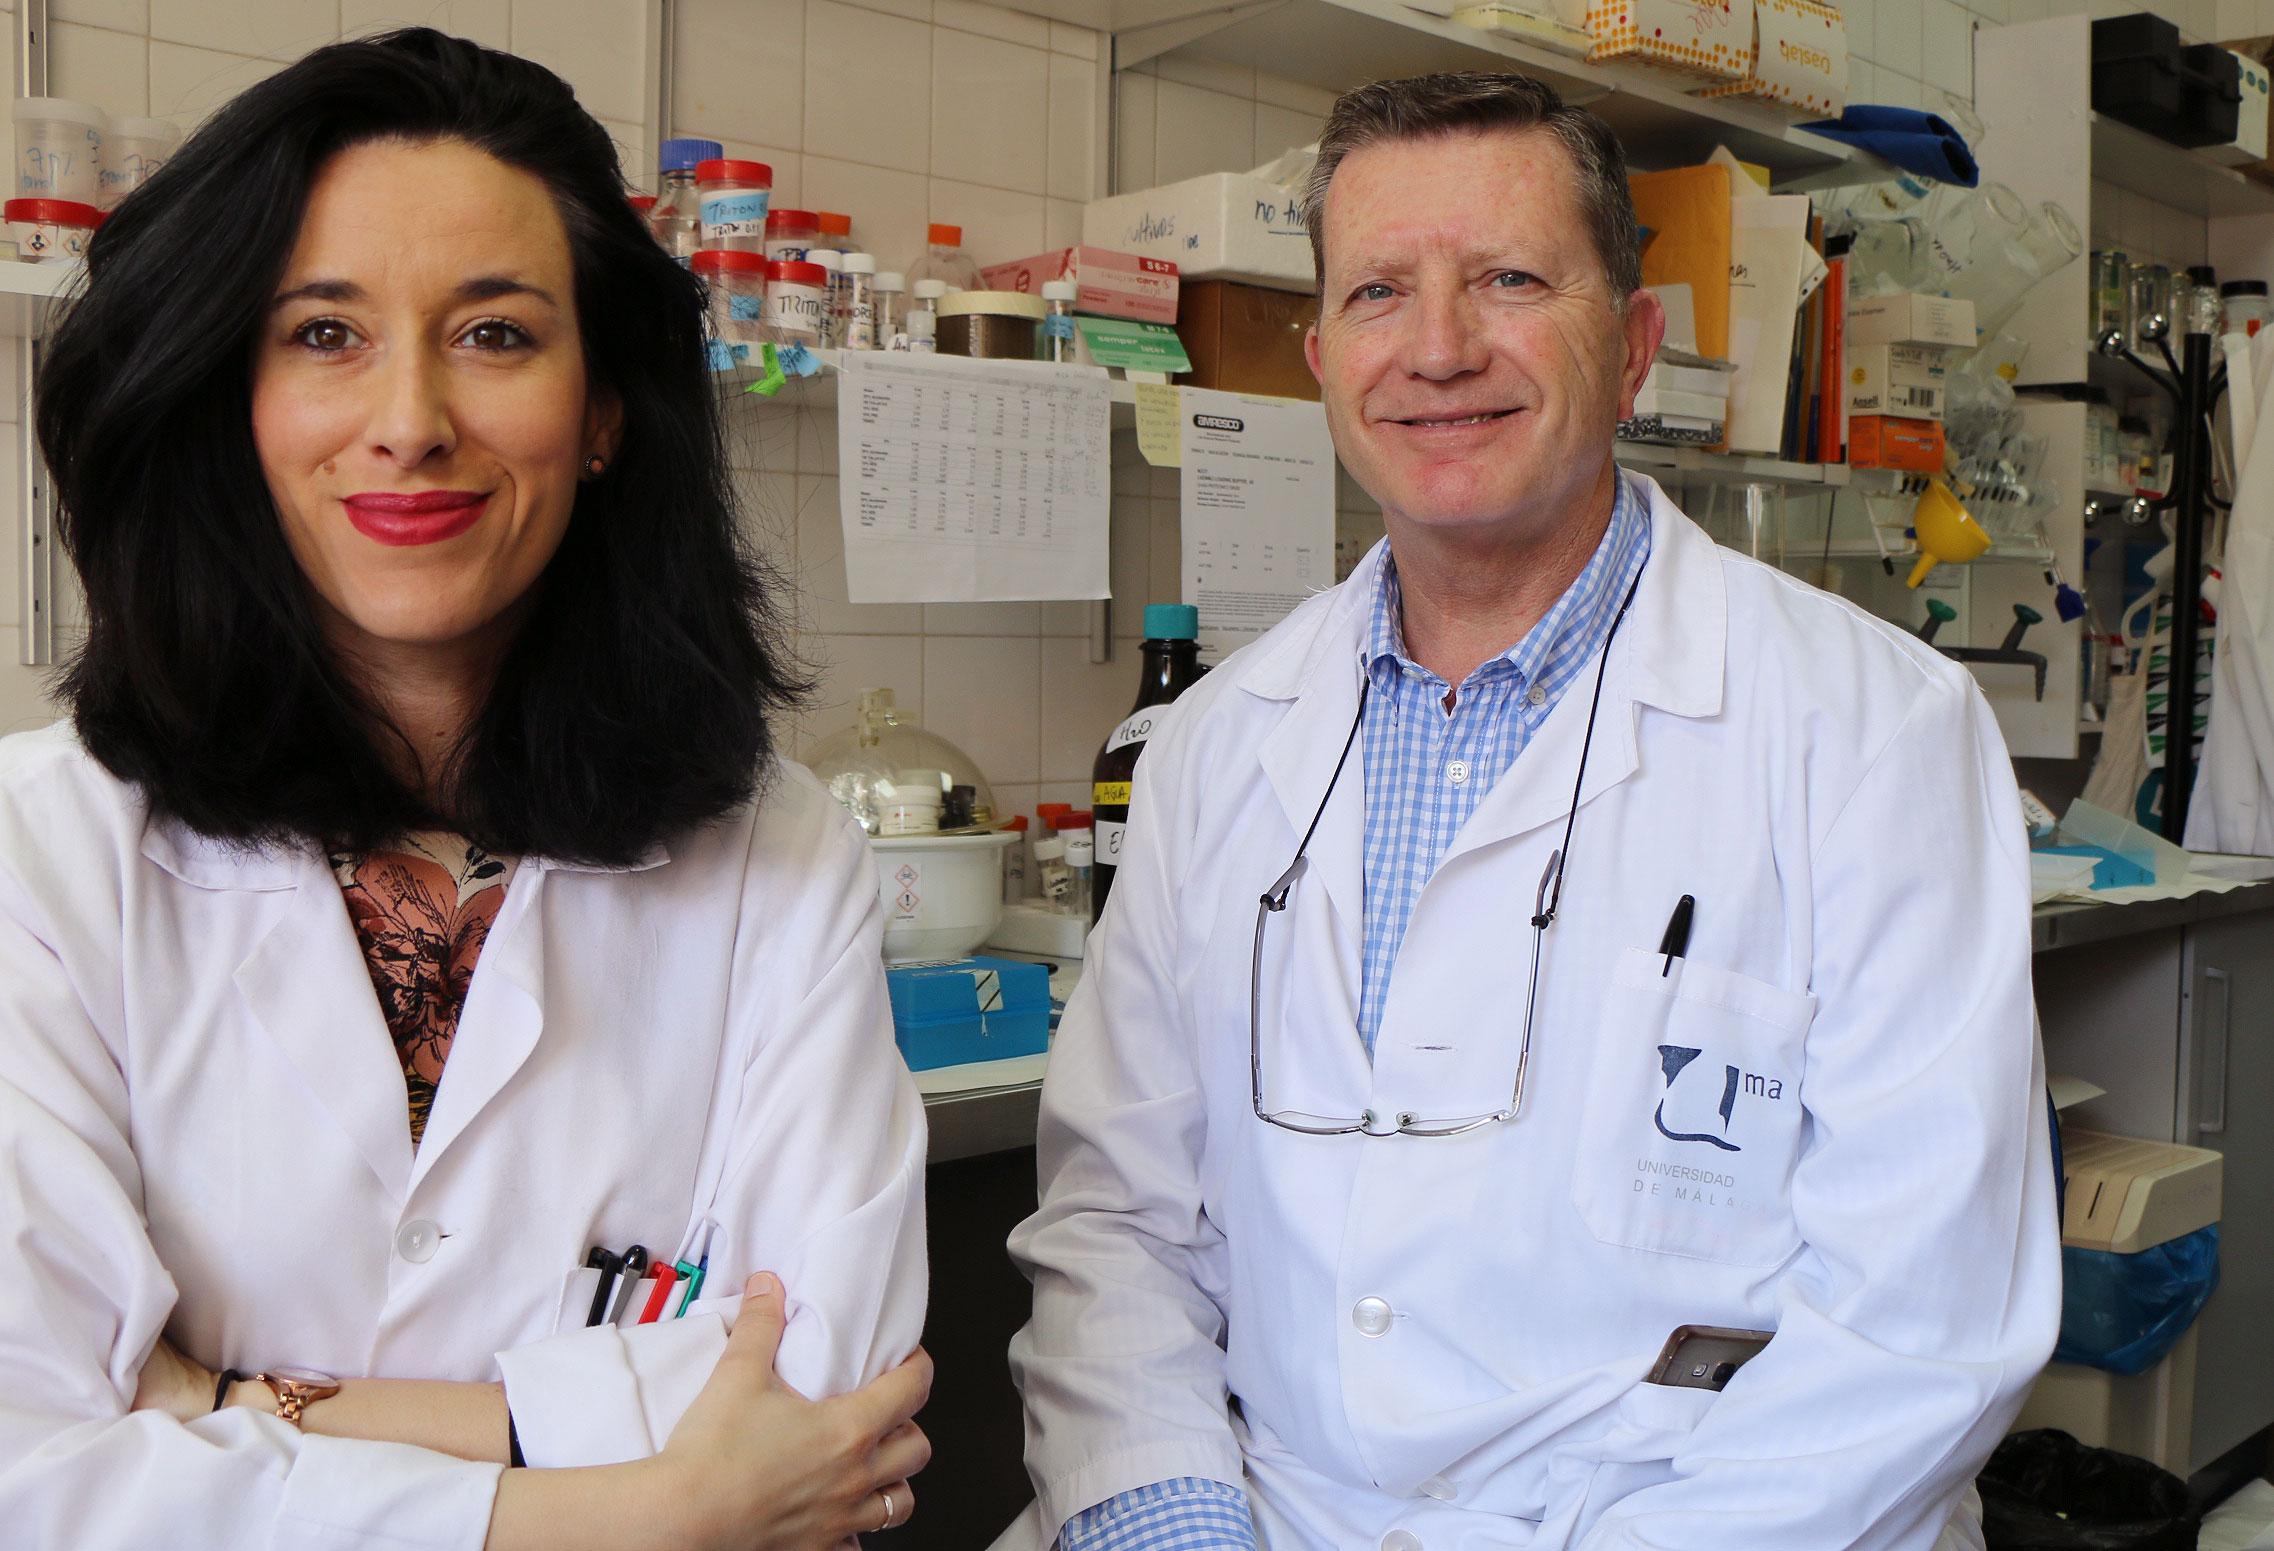 Investigadores de la UMA aportan nuevos resultados sobre la biocompatibilidad del grafeno, un tipo de carbono nanocristalino similar al vidrio, para la arquitectura celular